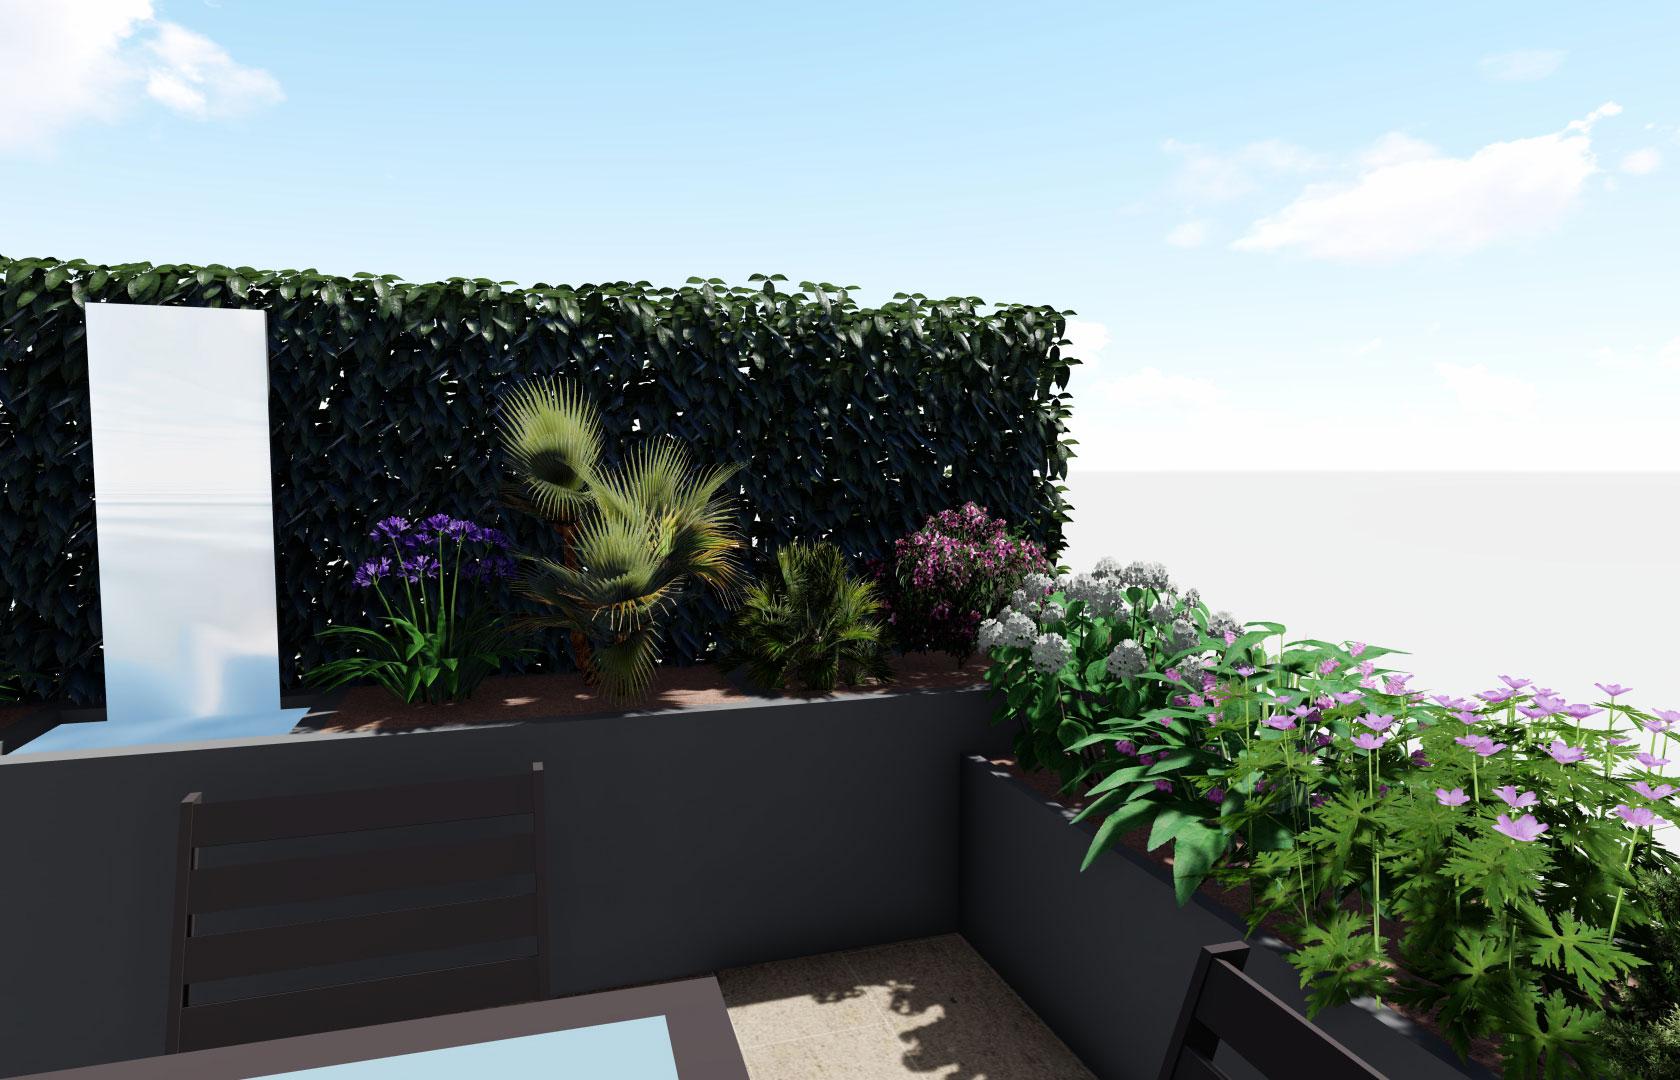 Entreprise du paysage, Serrault Jardins réalise vos panneaux en végétal.